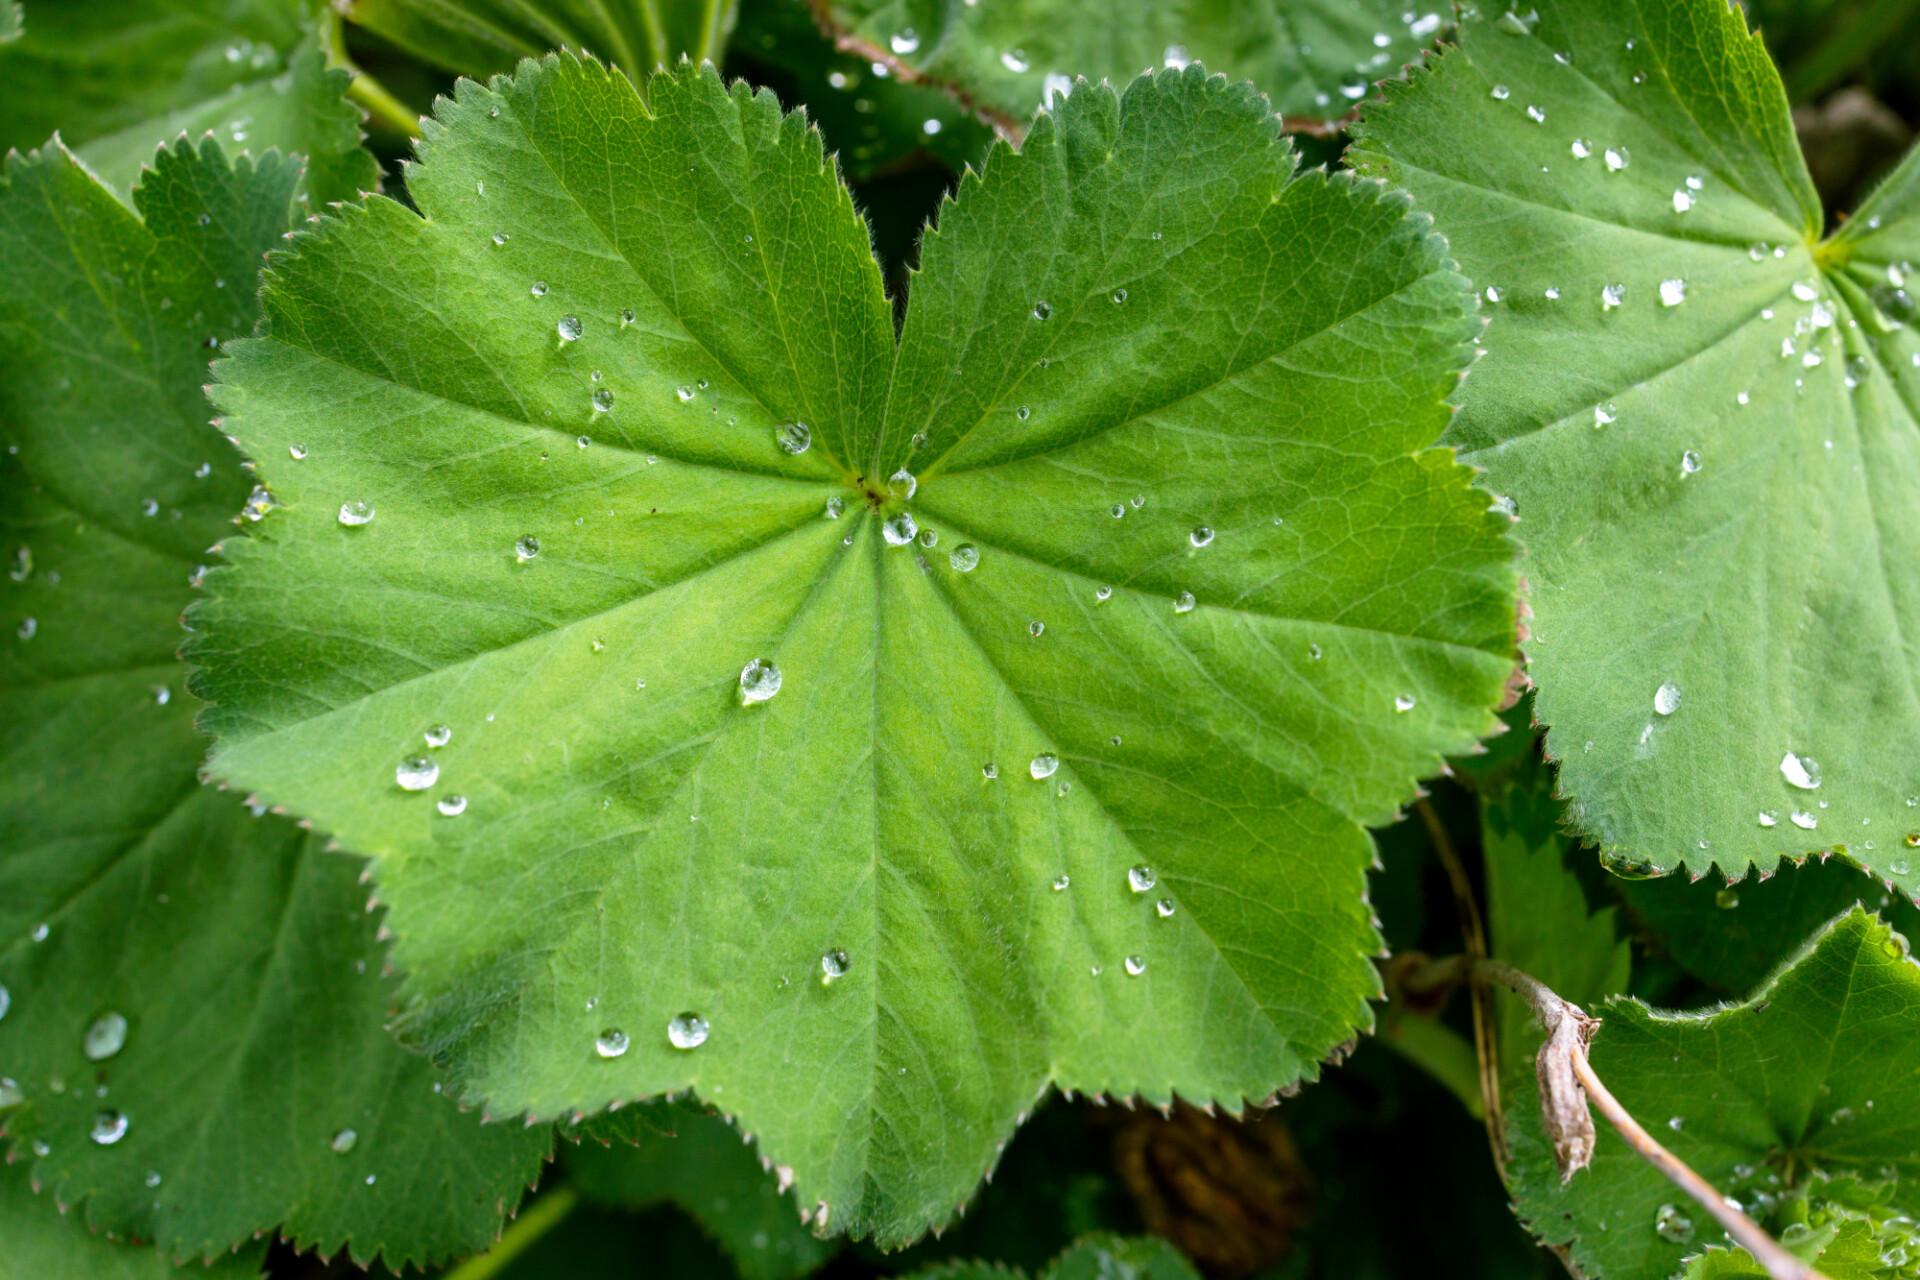 Alchemilla leaf with dew drops